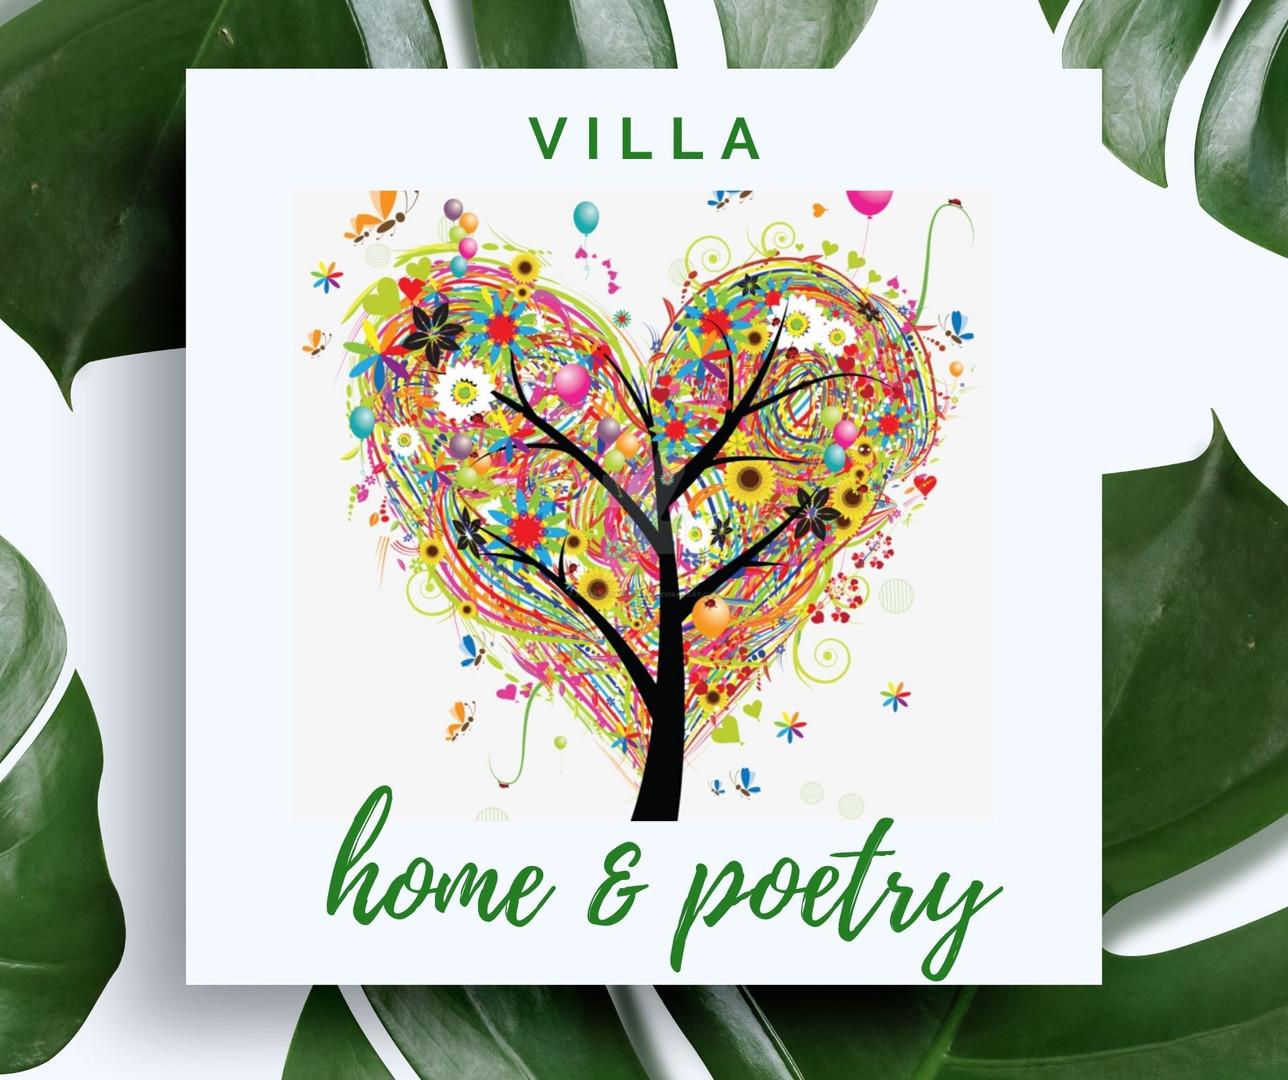 home & poetry.jpg